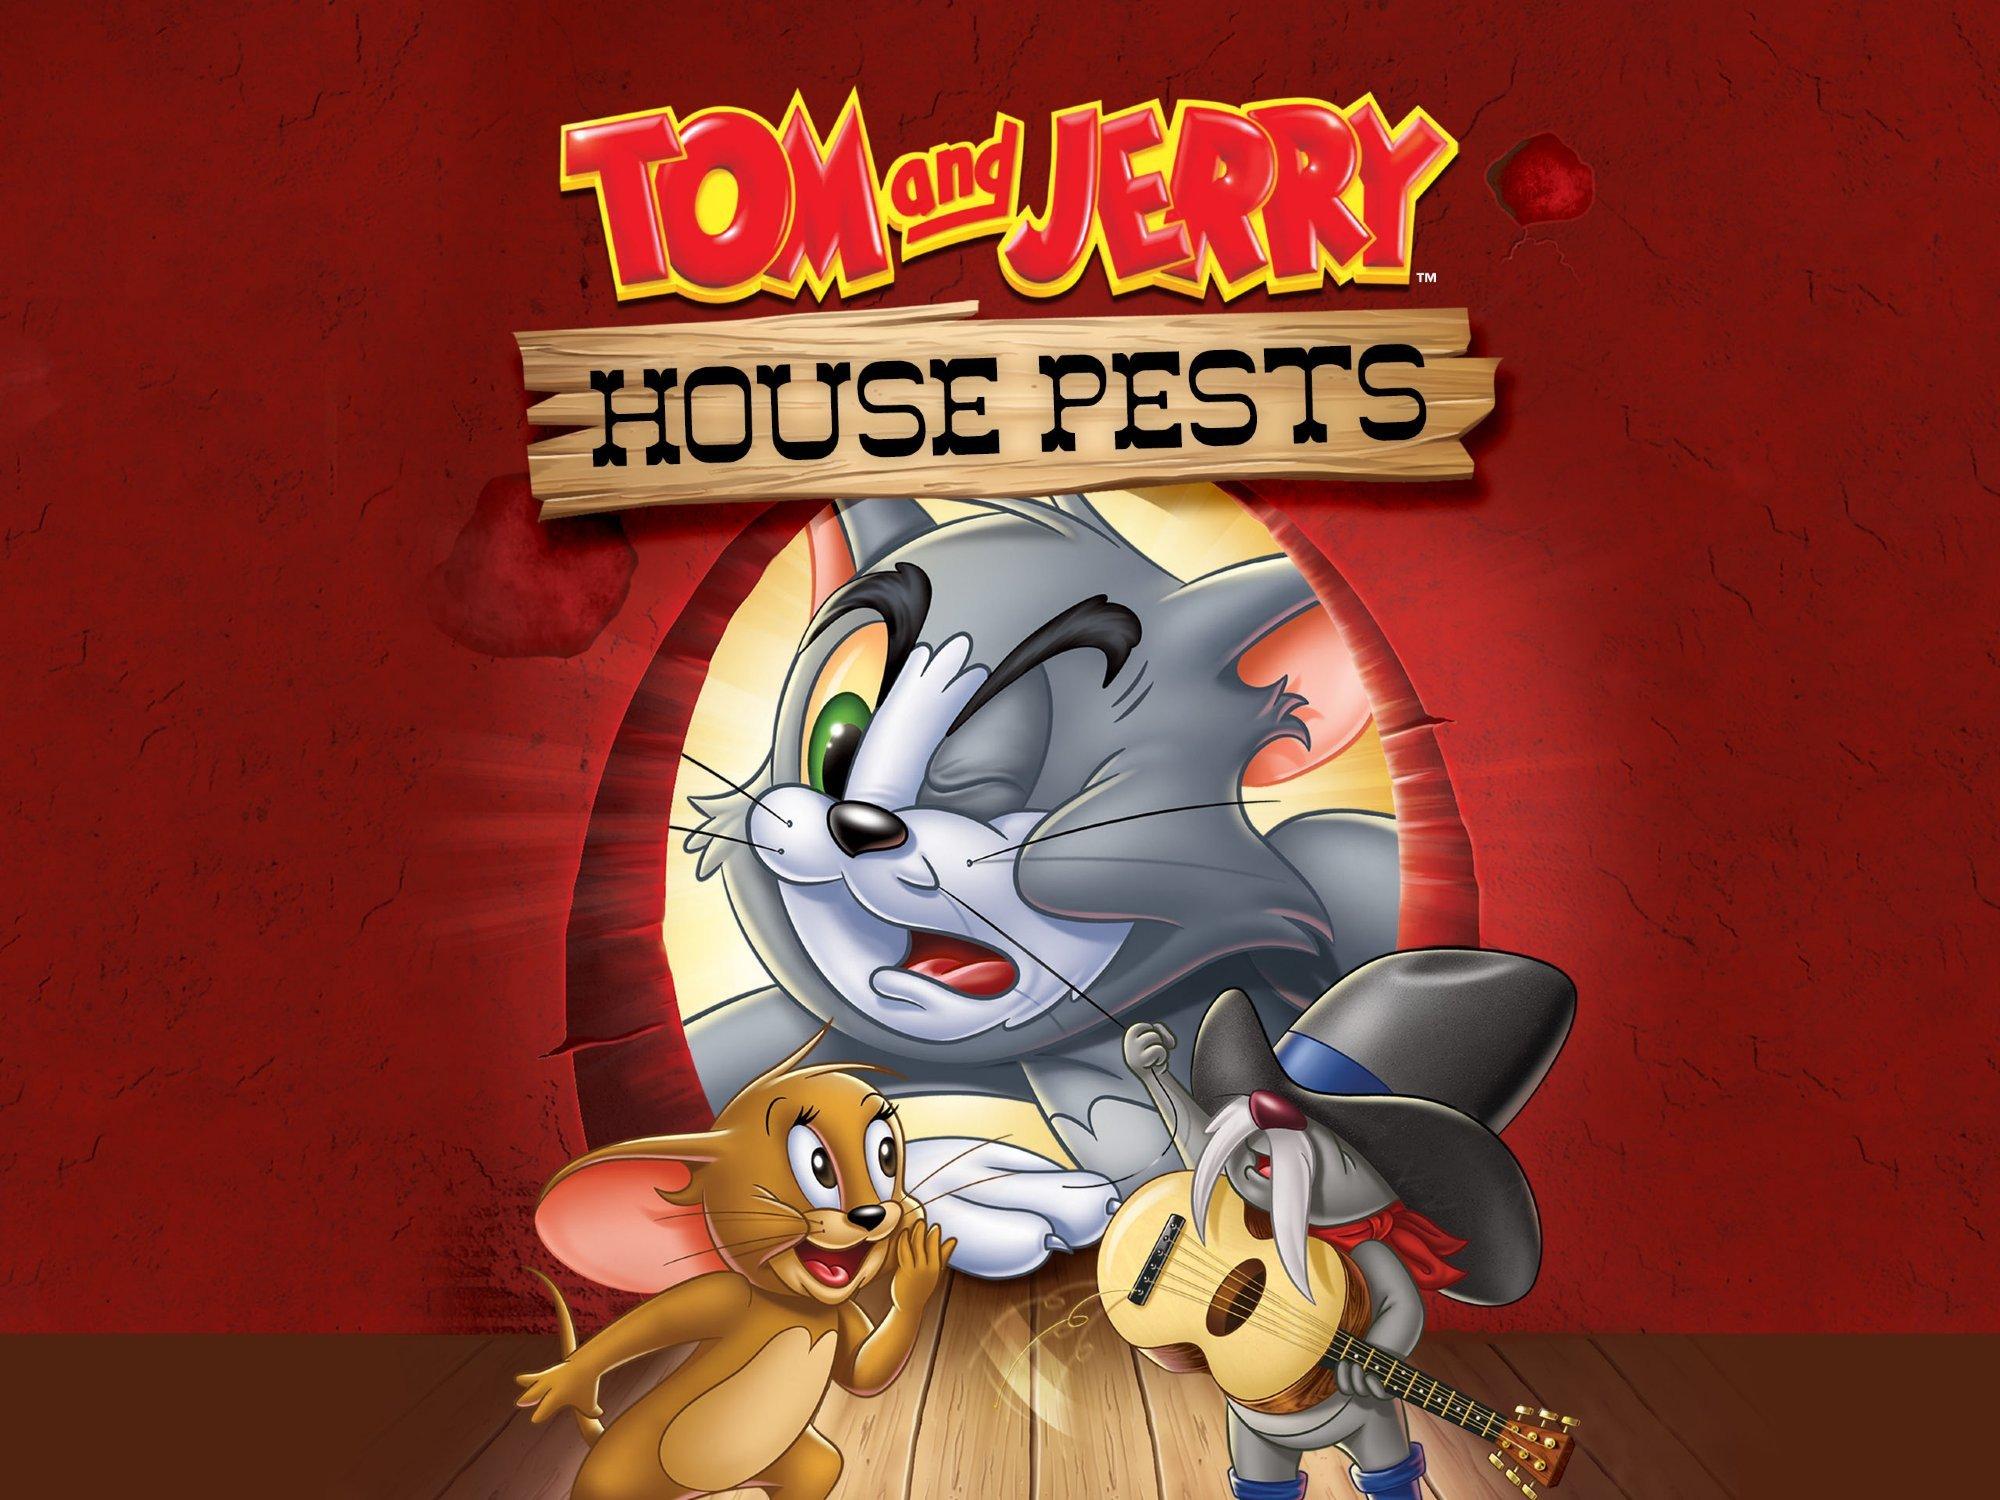 Τομ και Τζέρυ: Απρόσκλητοι Επισκέπτες / Tom and Jerry: House Pests (2013) online μεταγλωττισμένο